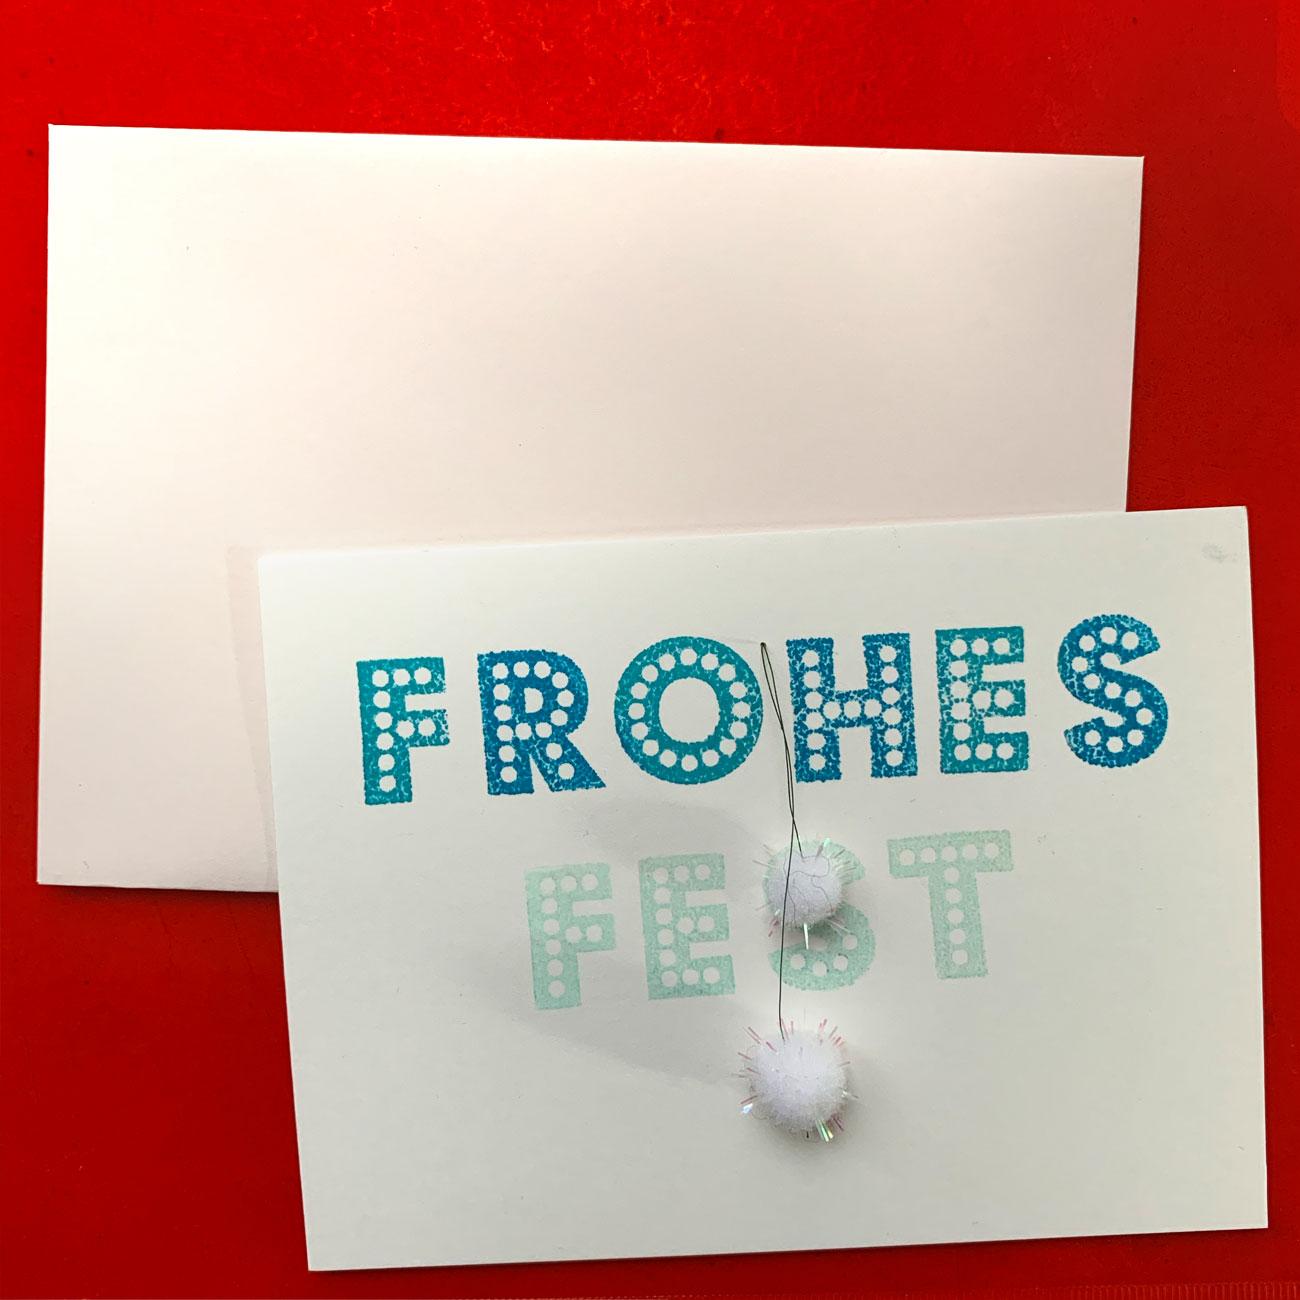 Frohes Fest,3, Klappkarte mit 2 Bommeln, mit Kuvert, festlich,